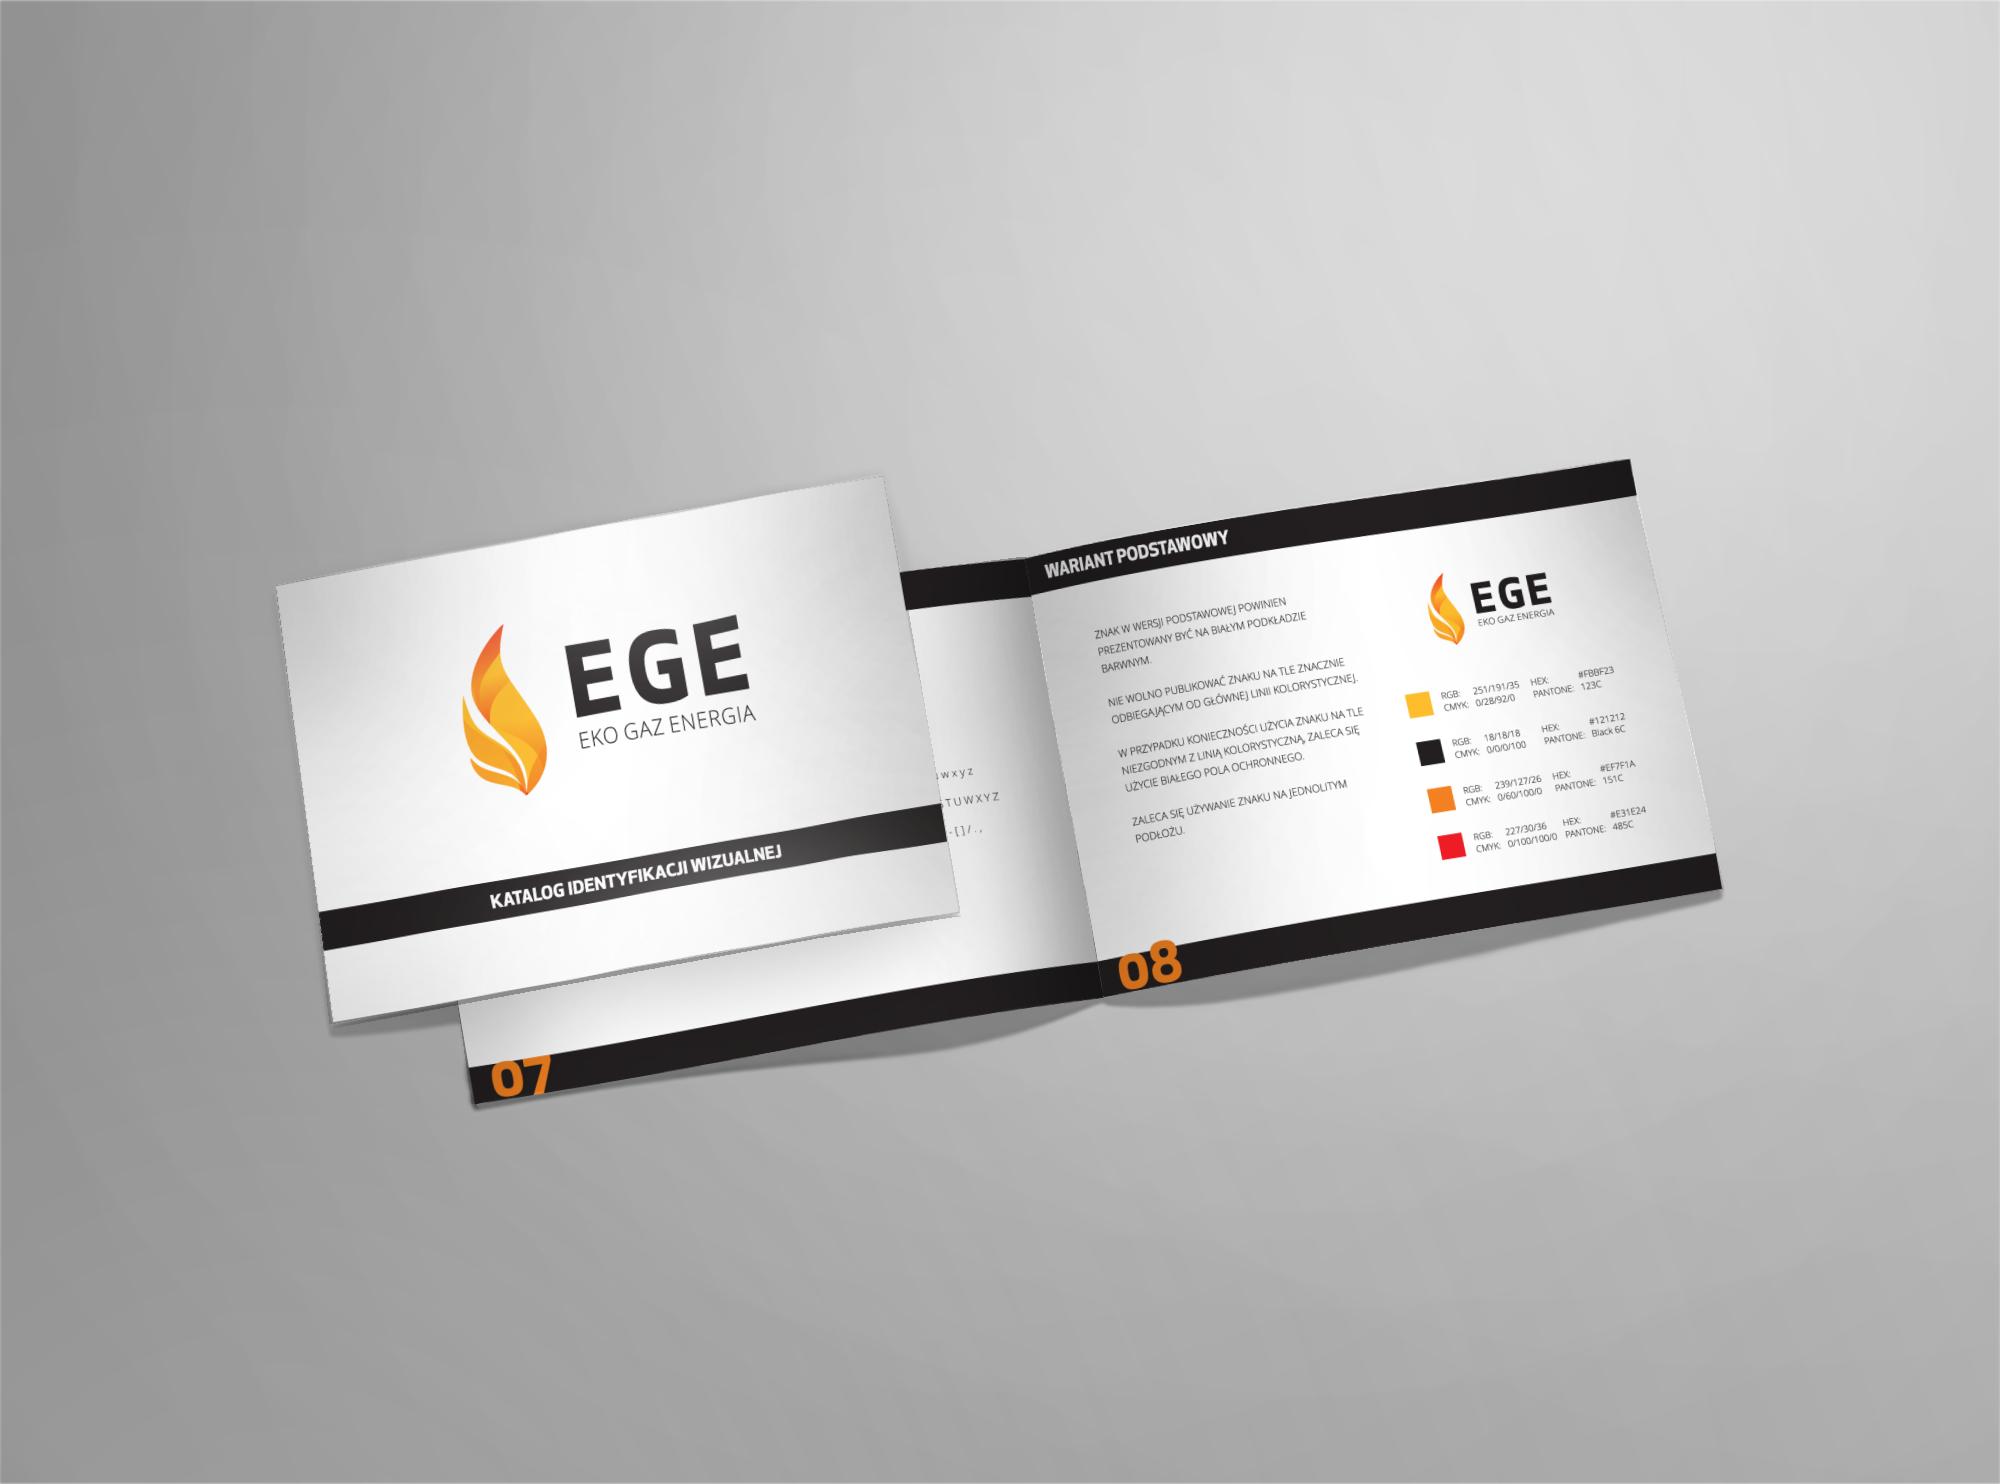 EGE – Eko Gaz Energia